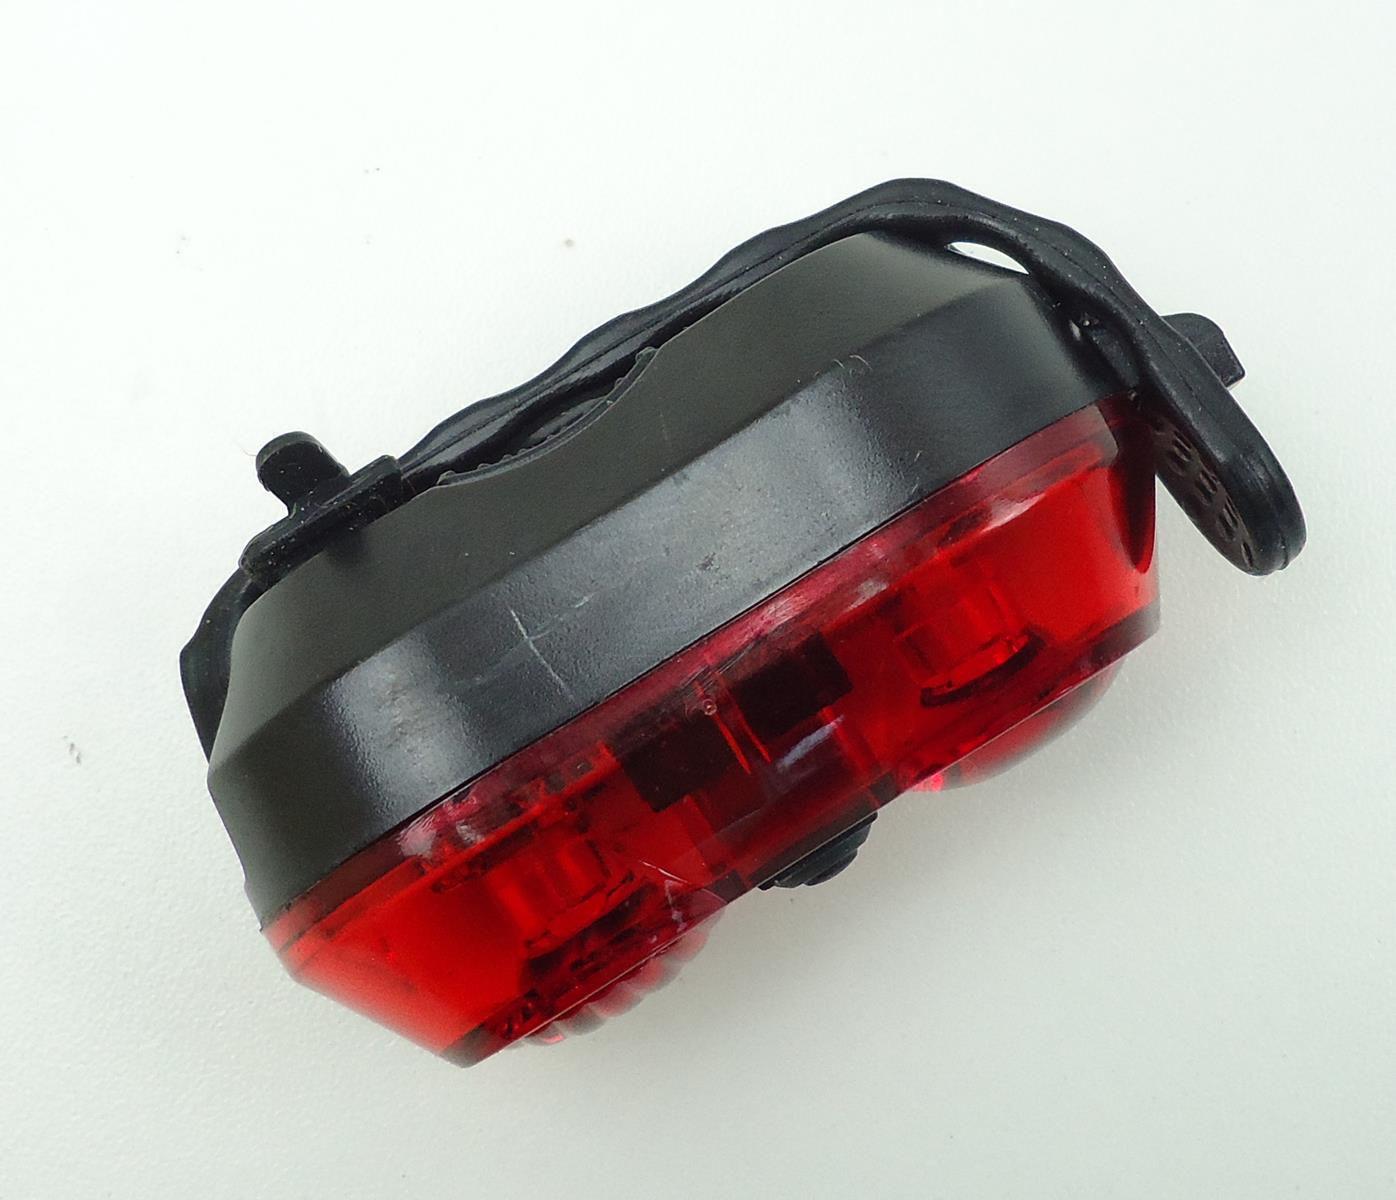 Sinalizador Traseiro Epic Line Vega+ com 2 Leds Vermelho Modos Luz Noturna Alta Potência Recarregável